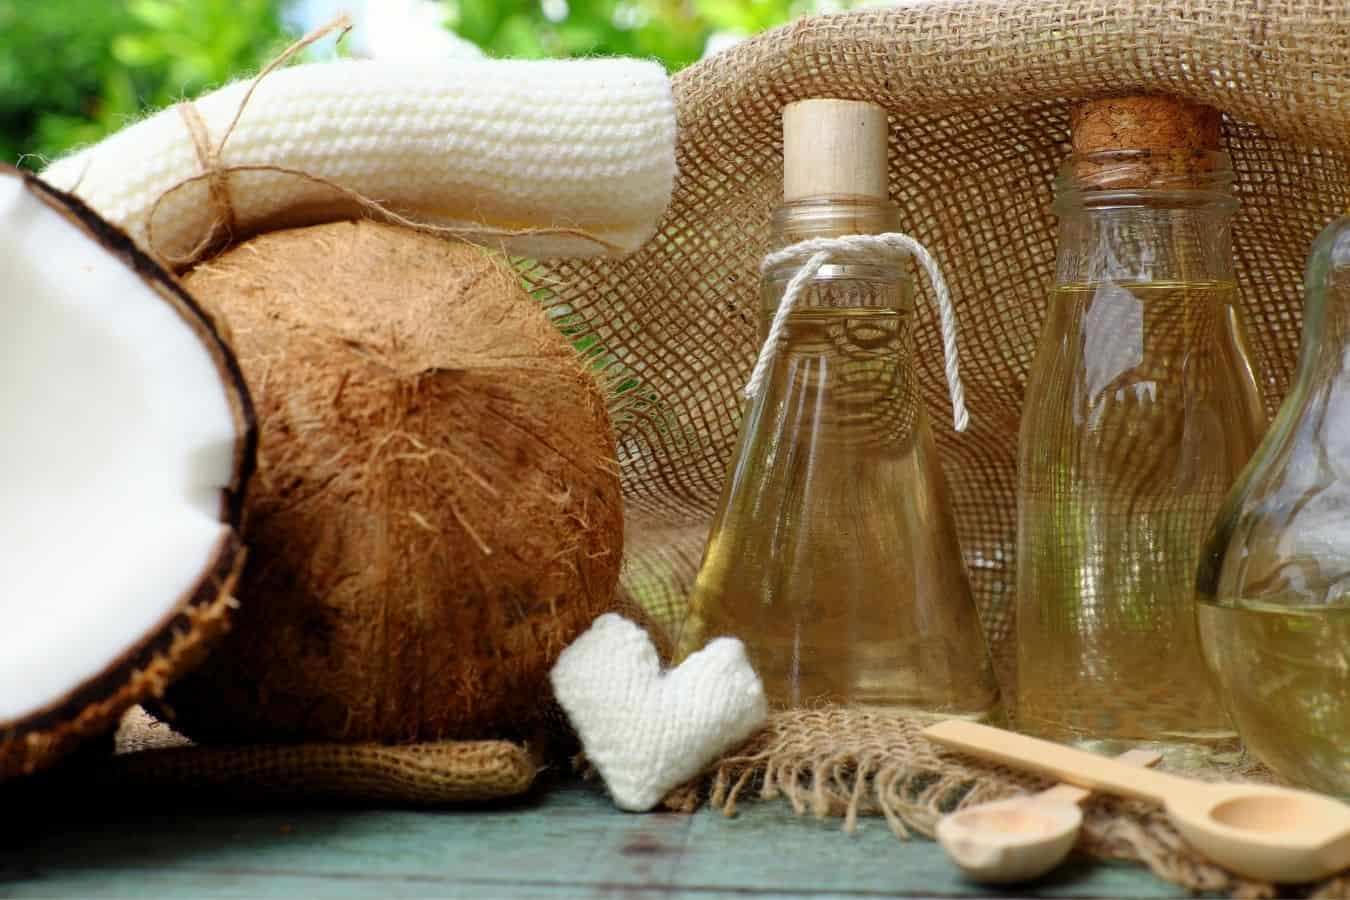 Unrefined Vs Refined Coconut Oil